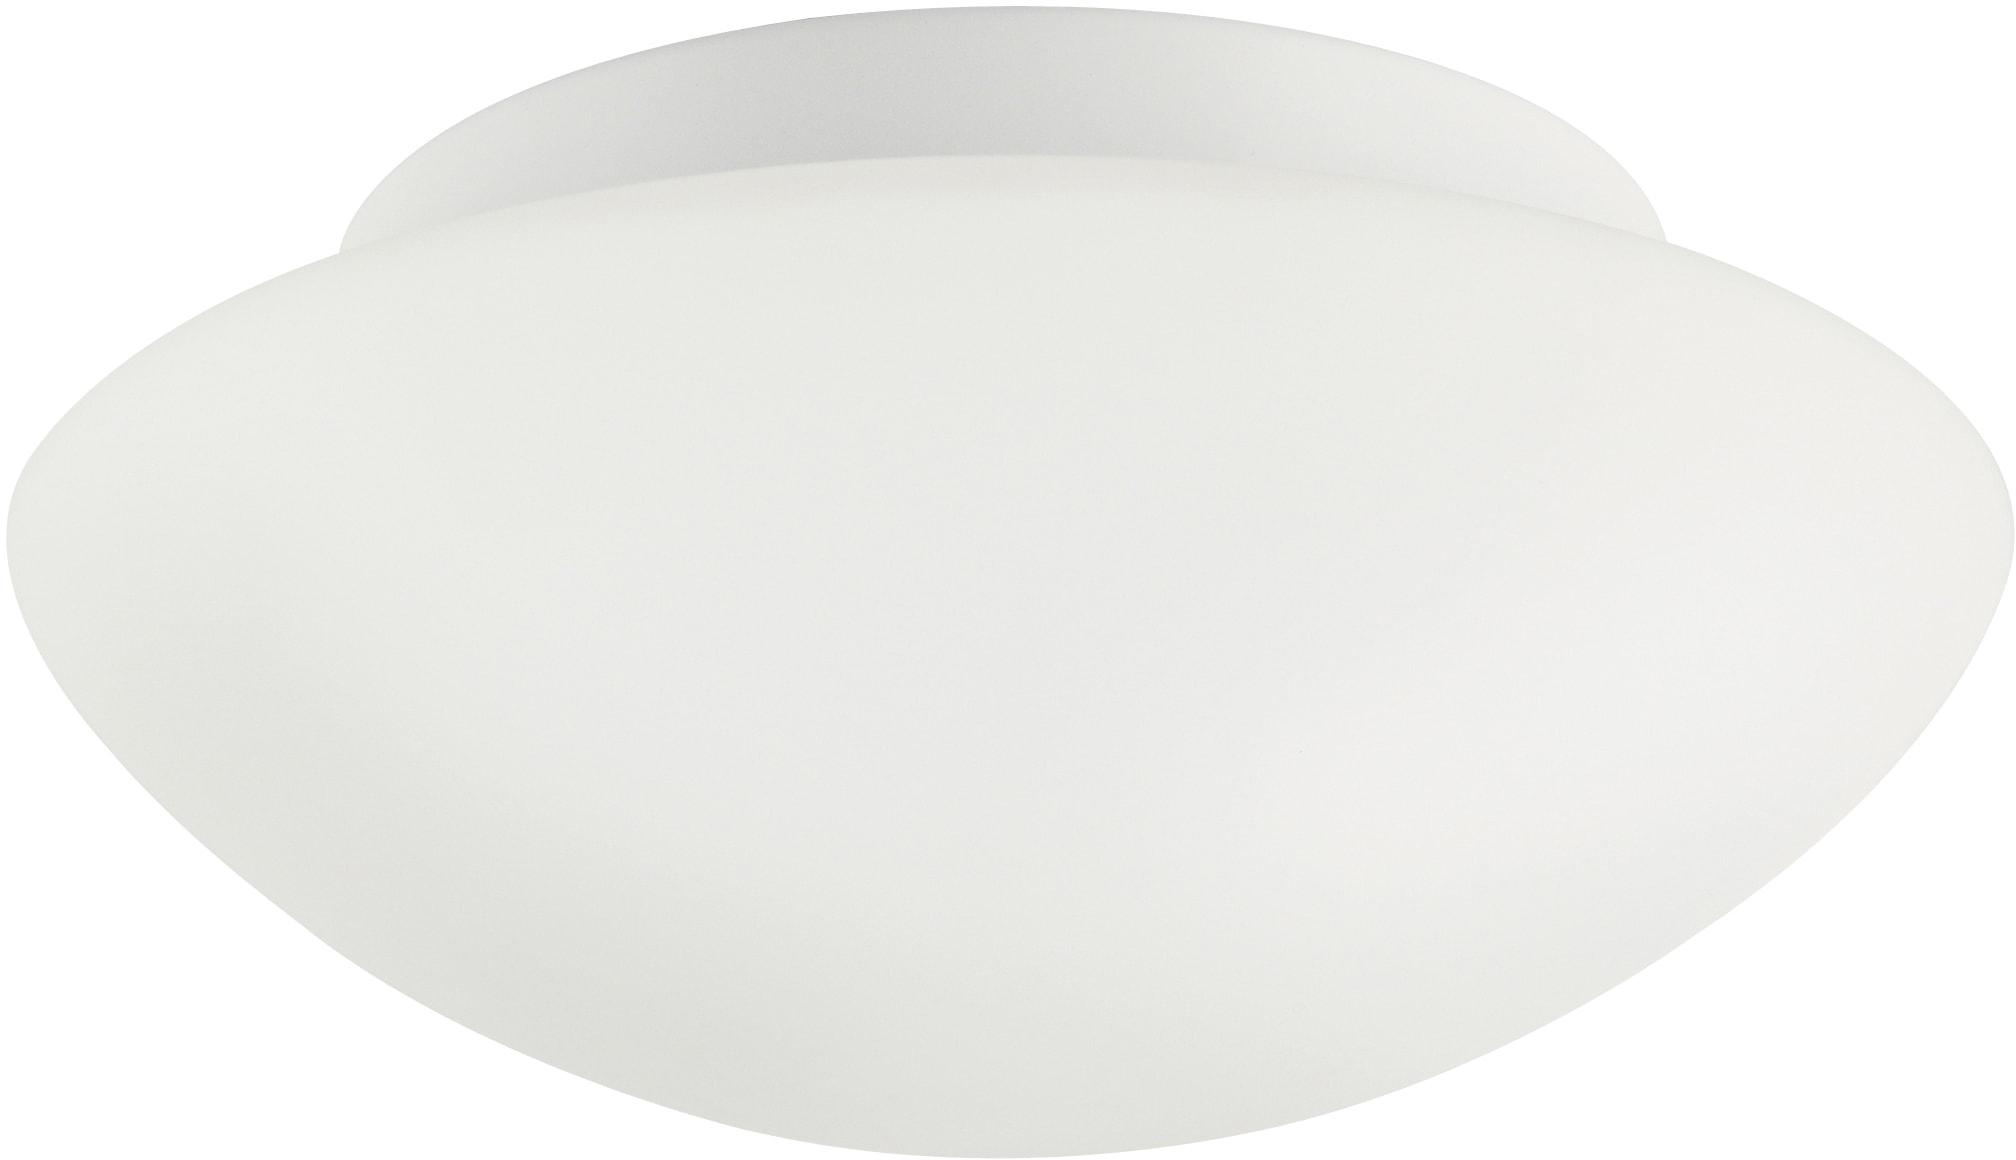 Nordlux Außen-Deckenleuchte Ufo Maxi